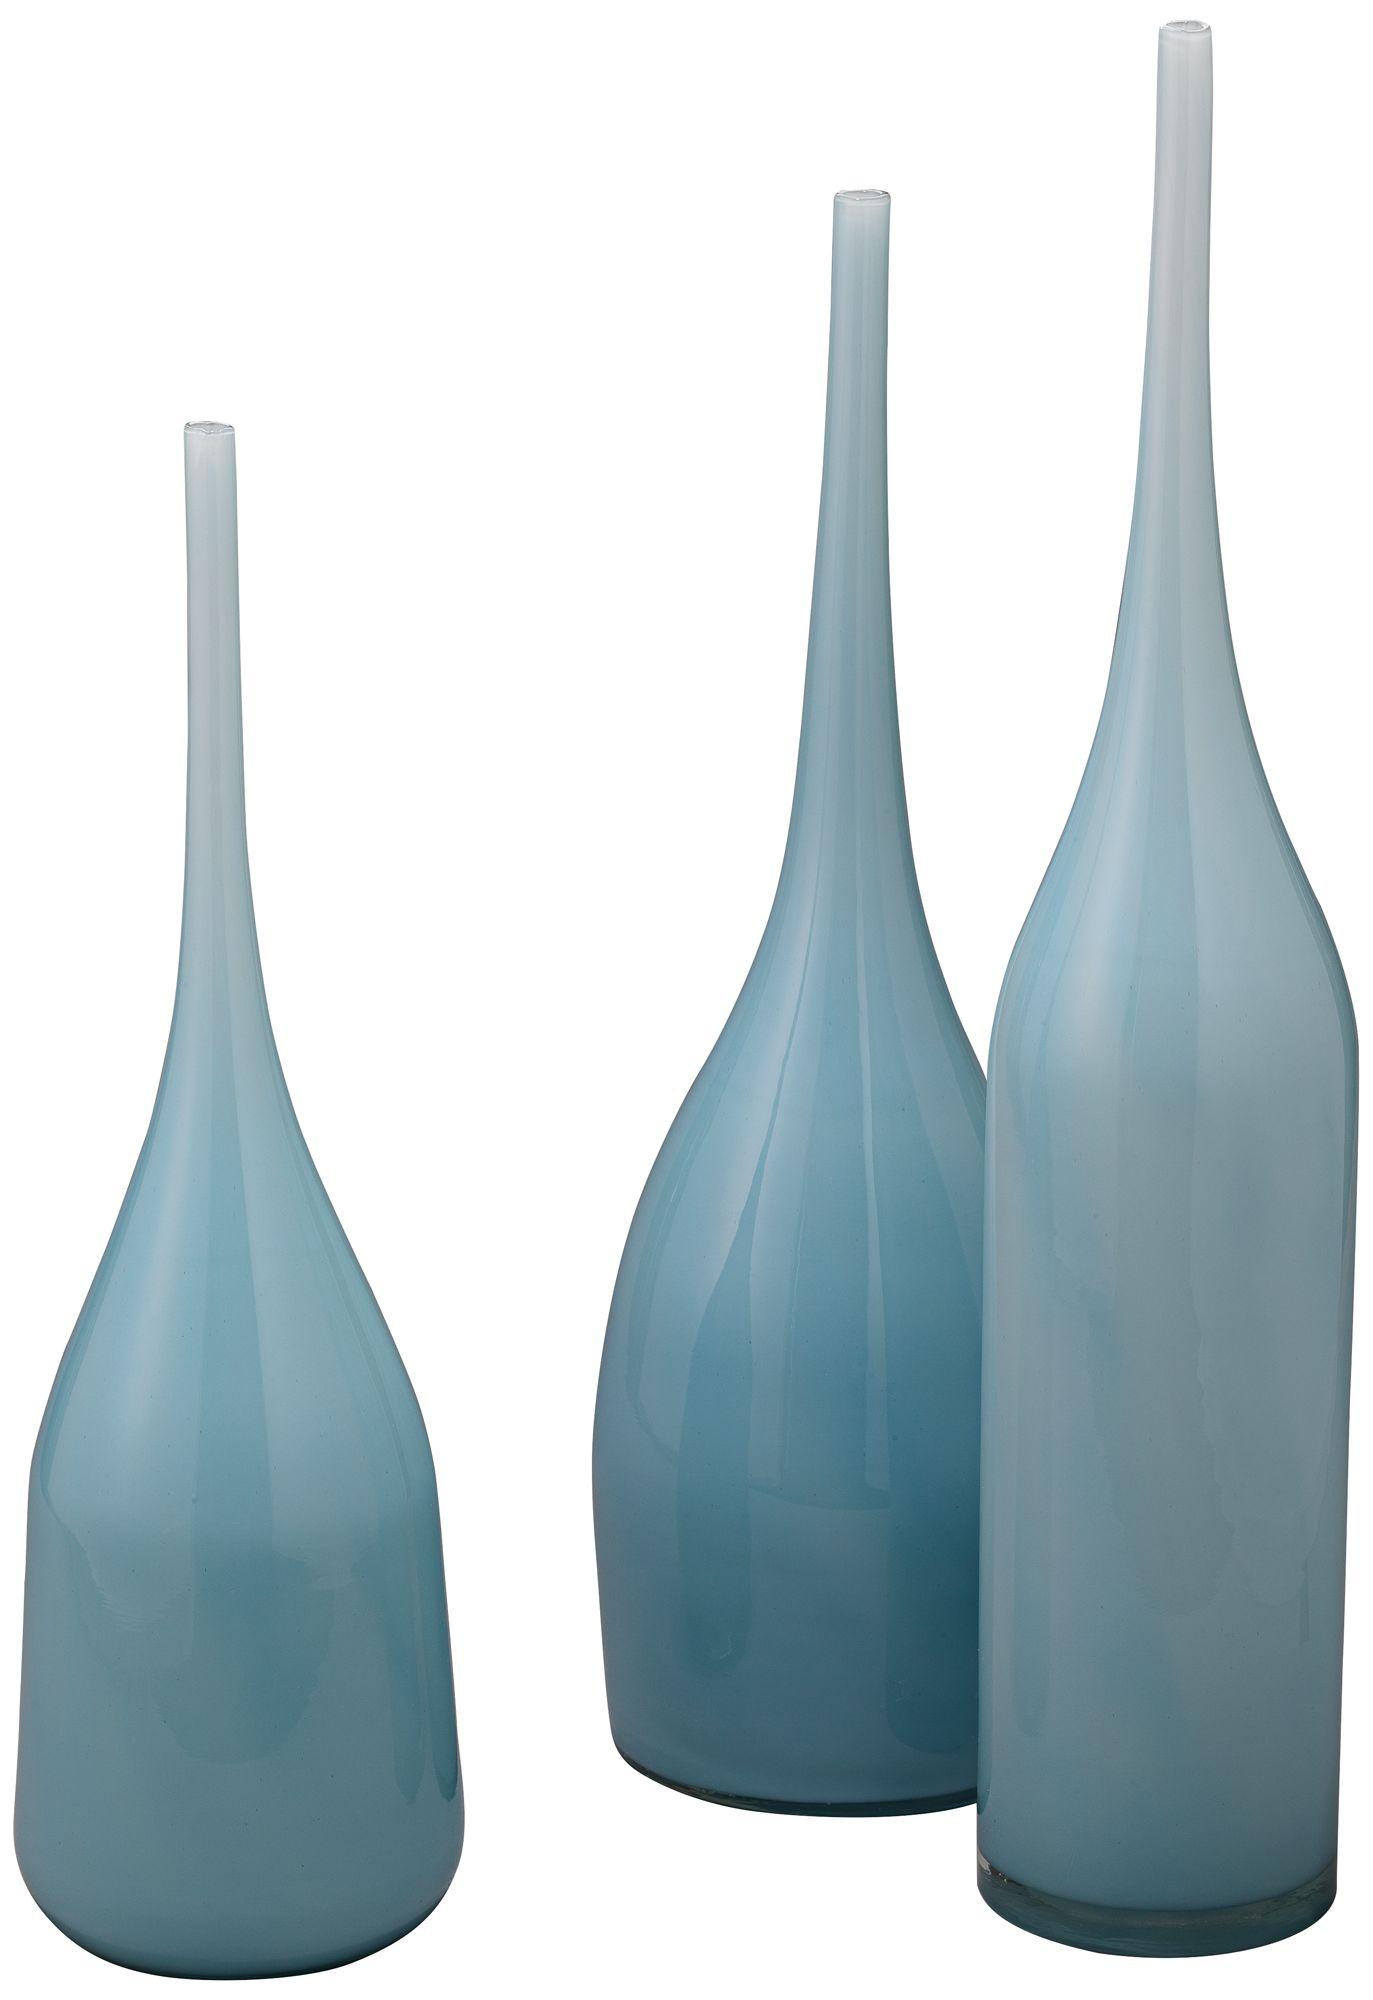 Merveilleux Jamie Young Pixie Periwinkle Blue Glass 3 Piece Vase Set